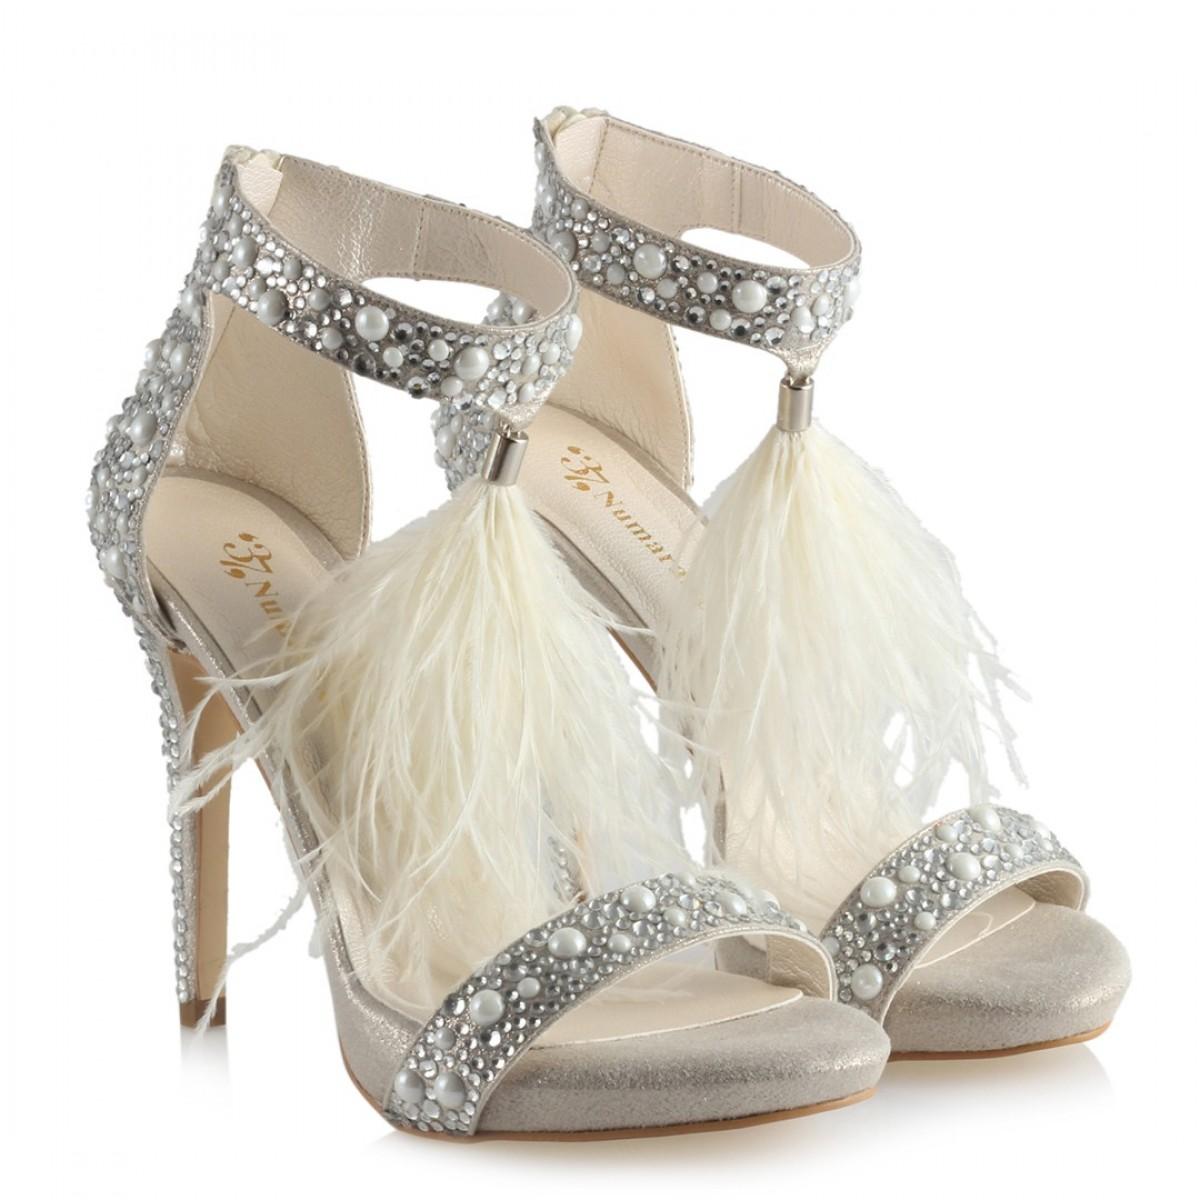 Gelin Ayakkabısı İncili Taşlı Tasarım Tavşan Tüylü